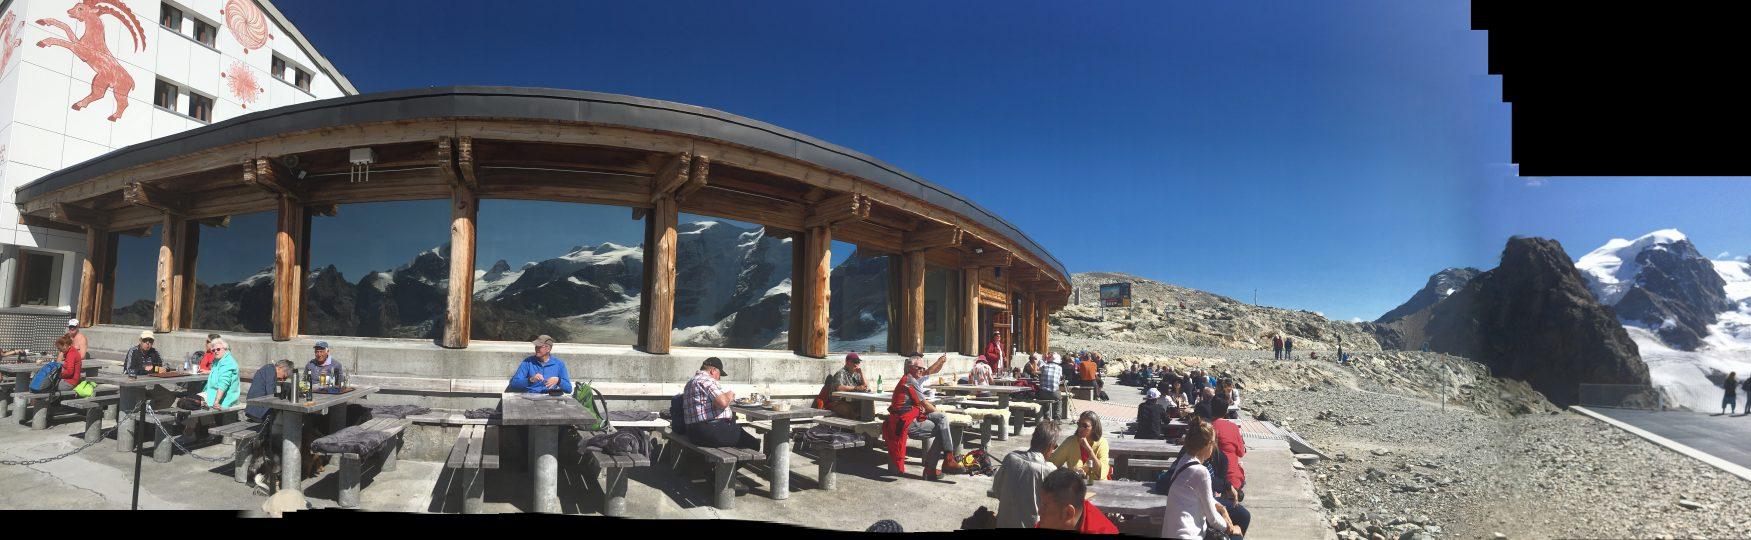 Im Ausflugsrestaurant auf der Diavolezza in der Nähe von pontresina, Foto: Weirauch